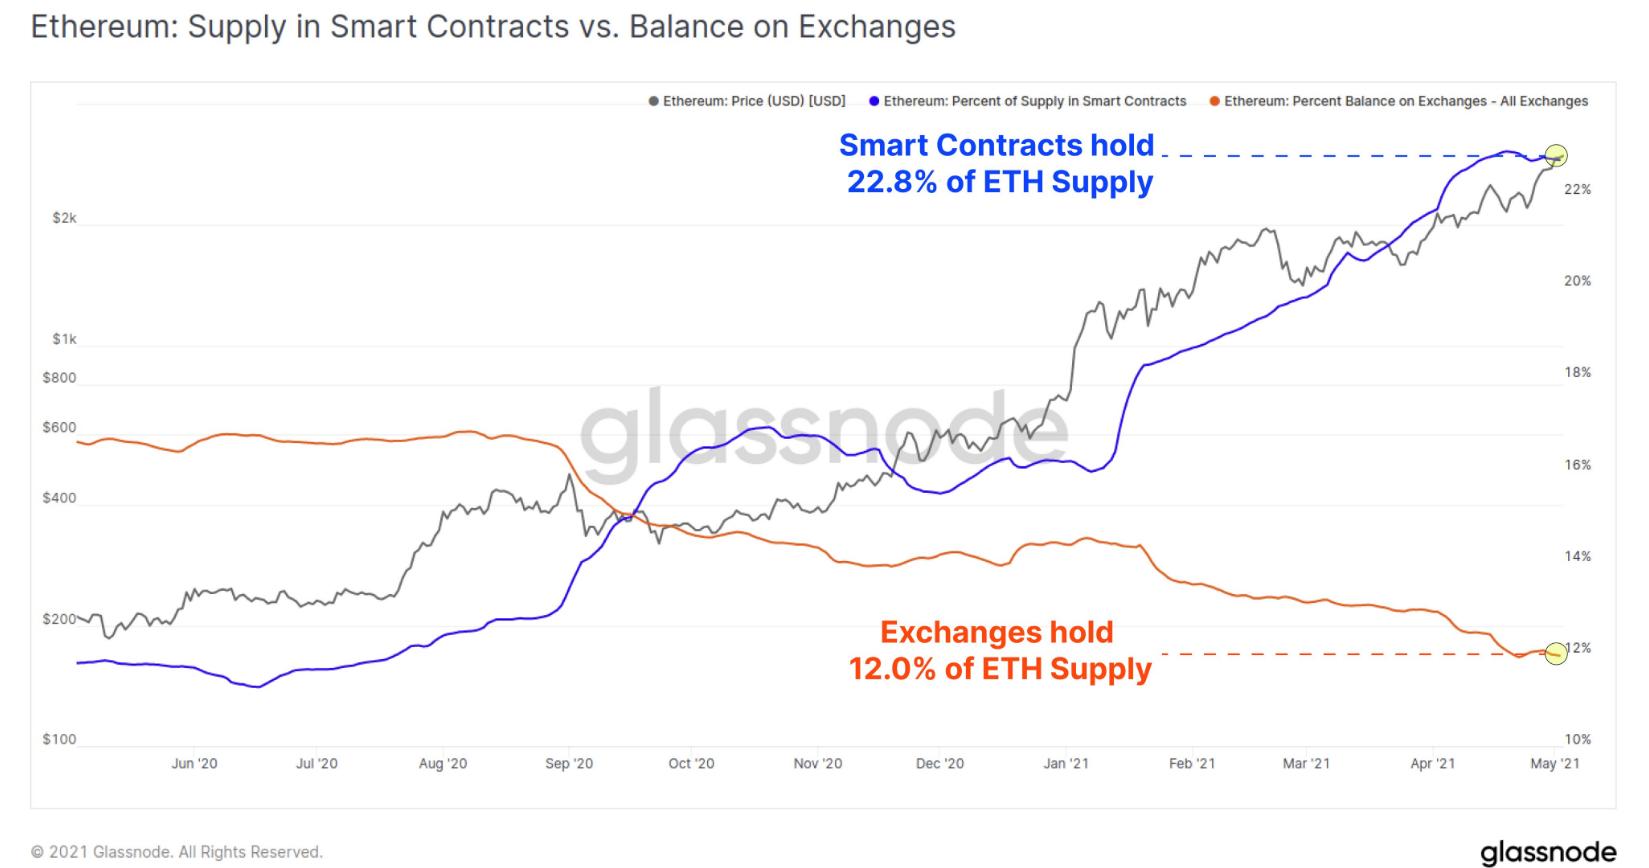 Ether negli smart contract vs. Ether sugli exchange centralizzati